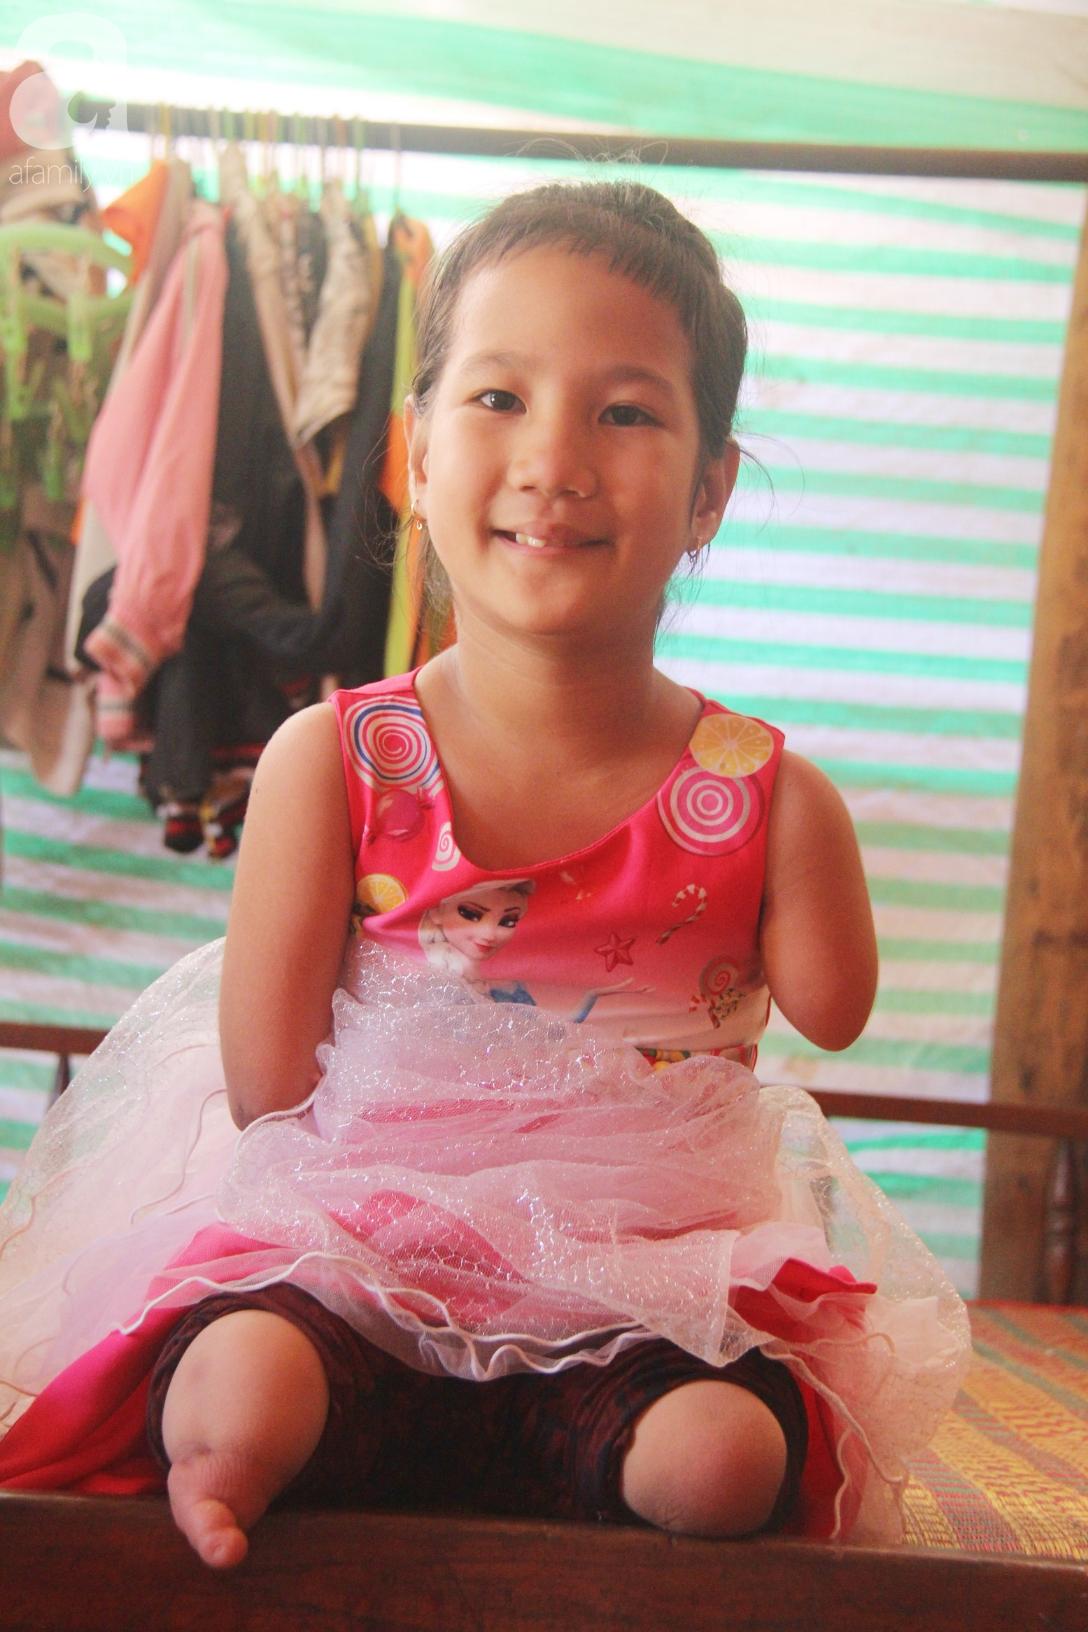 Tết đến, cô bé 8 tuổi cụt tay cụt chân Hiếu Thảo mừng rỡ khoe: Con có chân giả để đi học rồi - Ảnh 7.